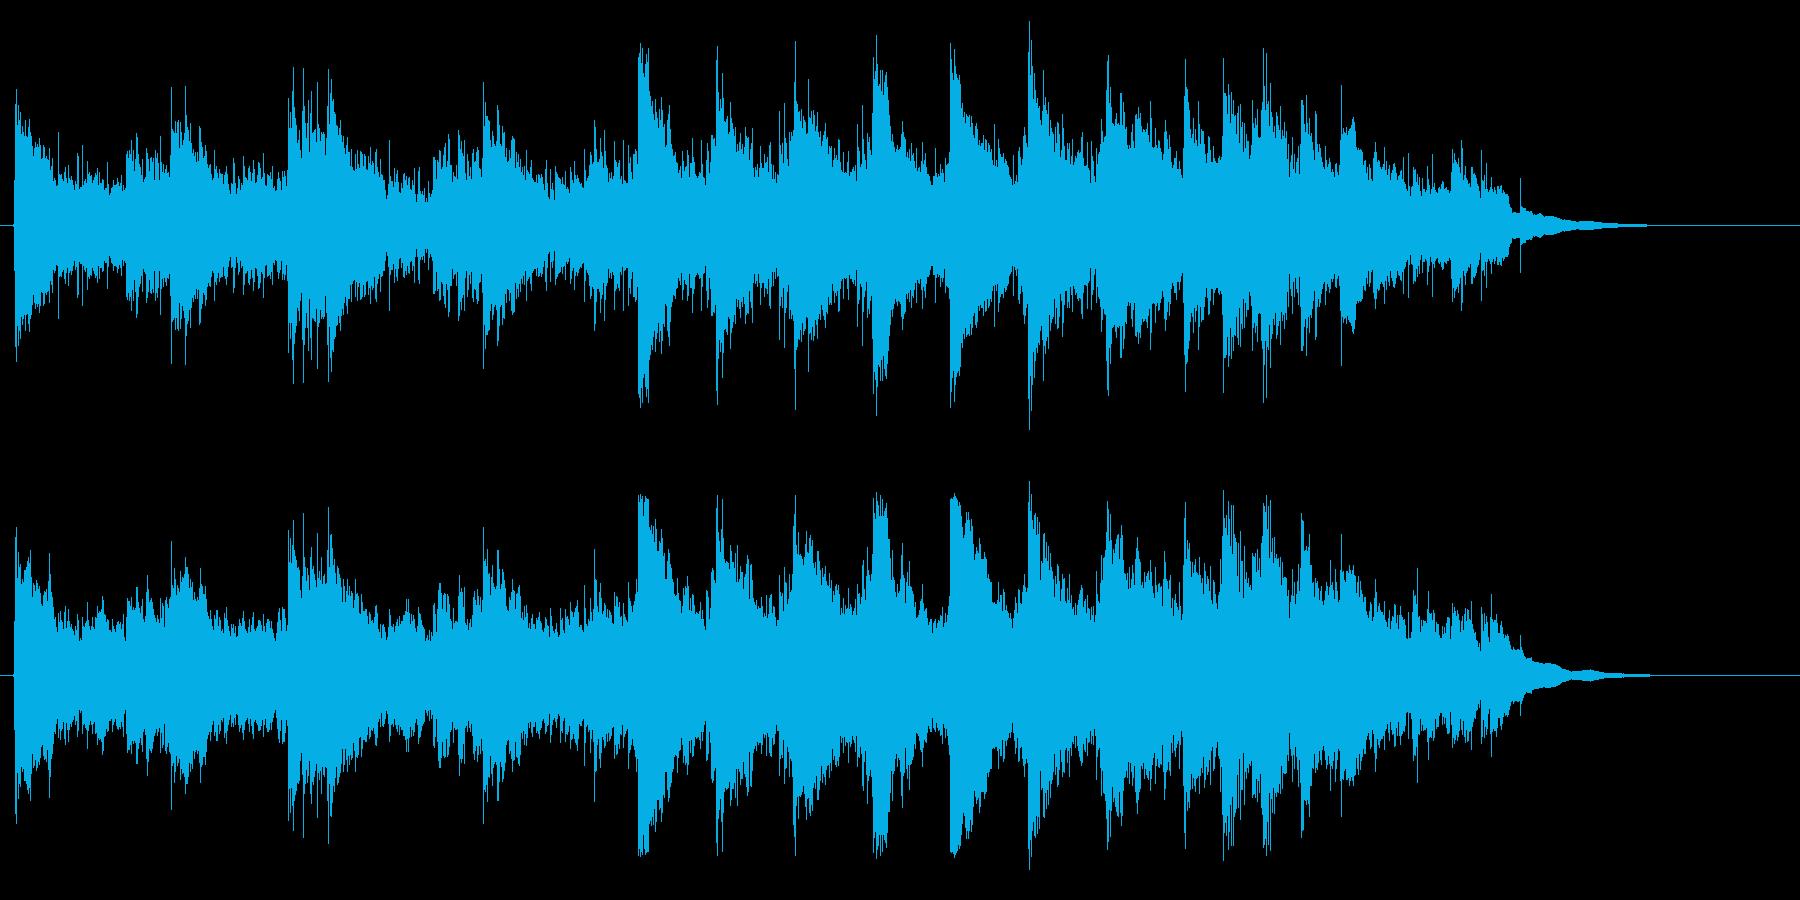 スキューバダイビング、マリンリゾートの再生済みの波形